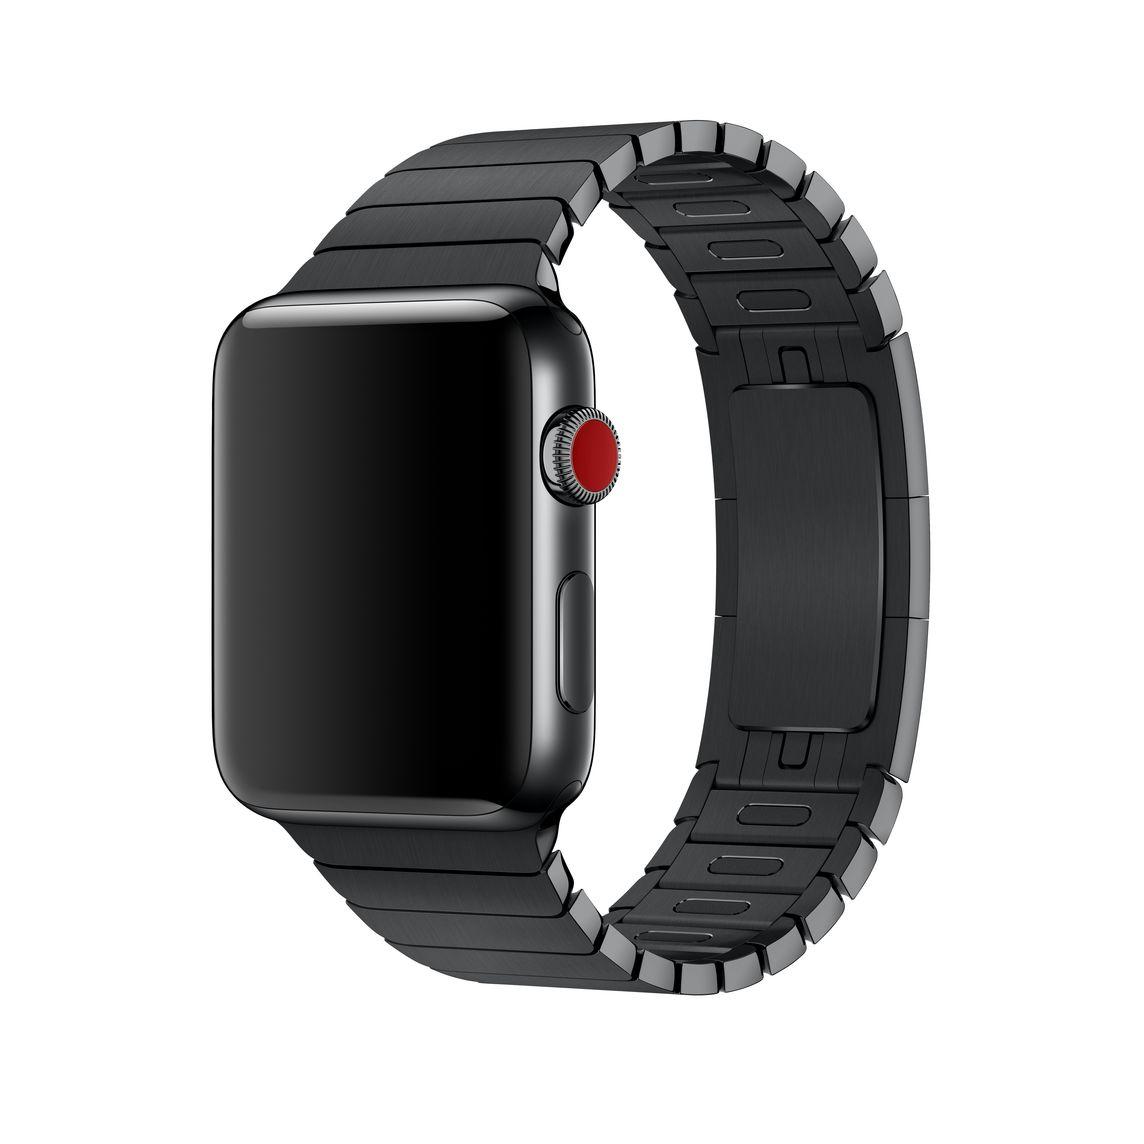 09512c09988a 42mm Space Black Link Bracelet - Apple (SG)